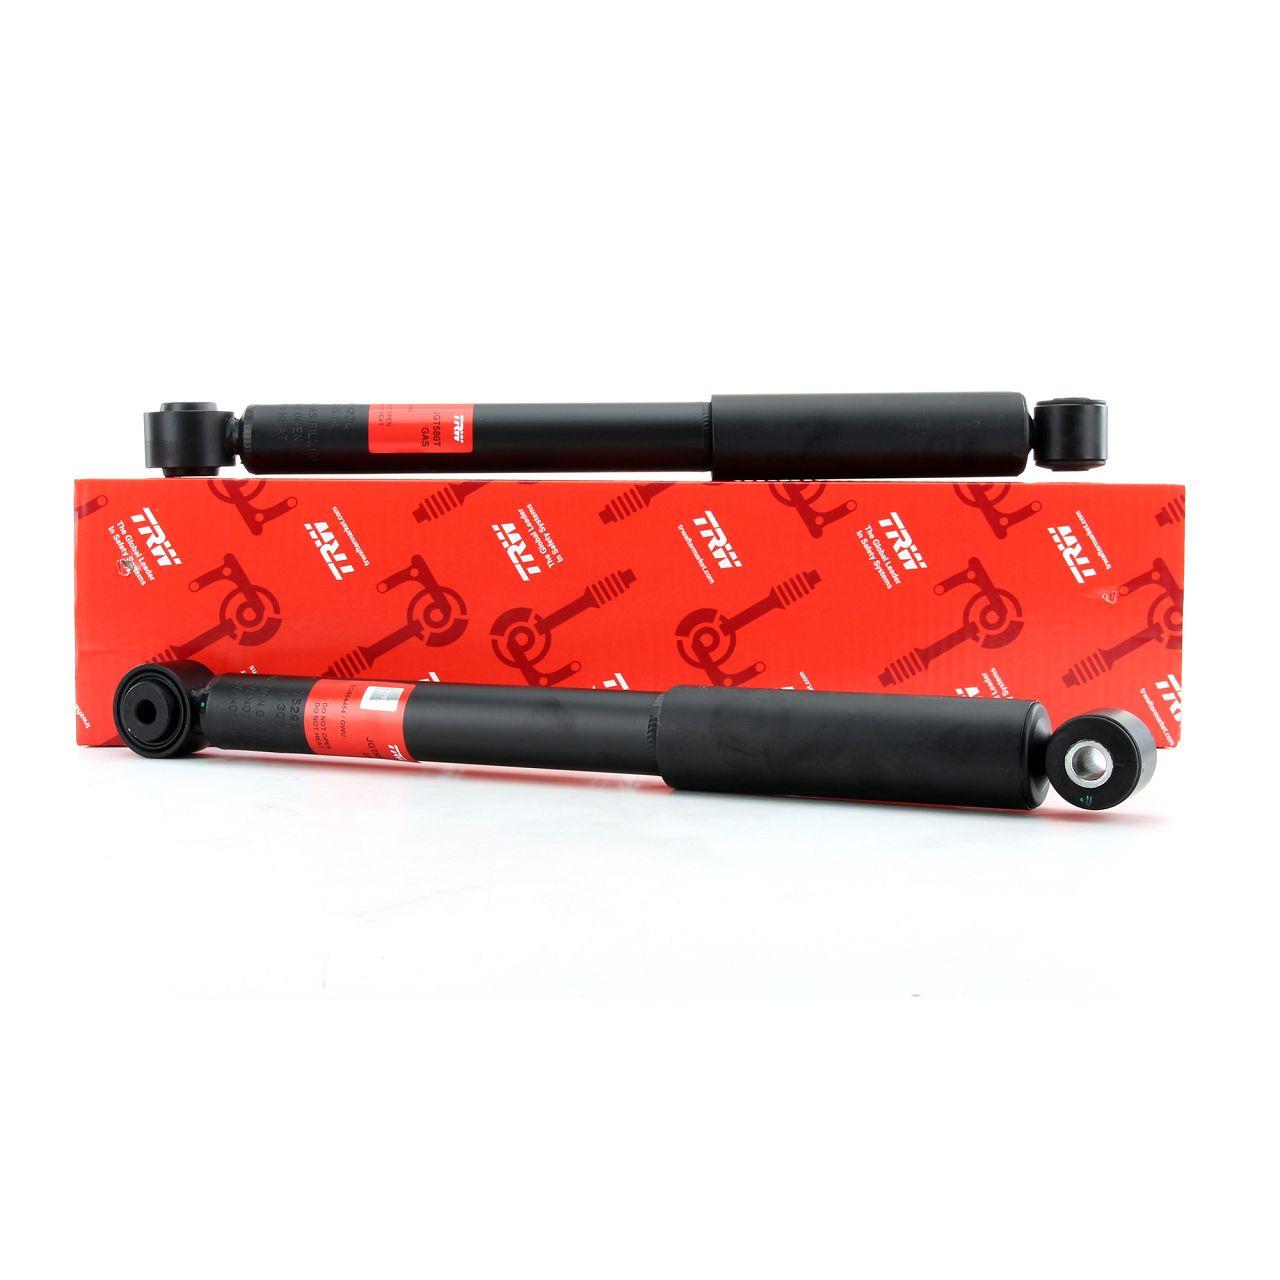 2x TRW Stoßdämpfer für VW CADDY III + IV Kasten / Kombi / ALLTRACK hinten